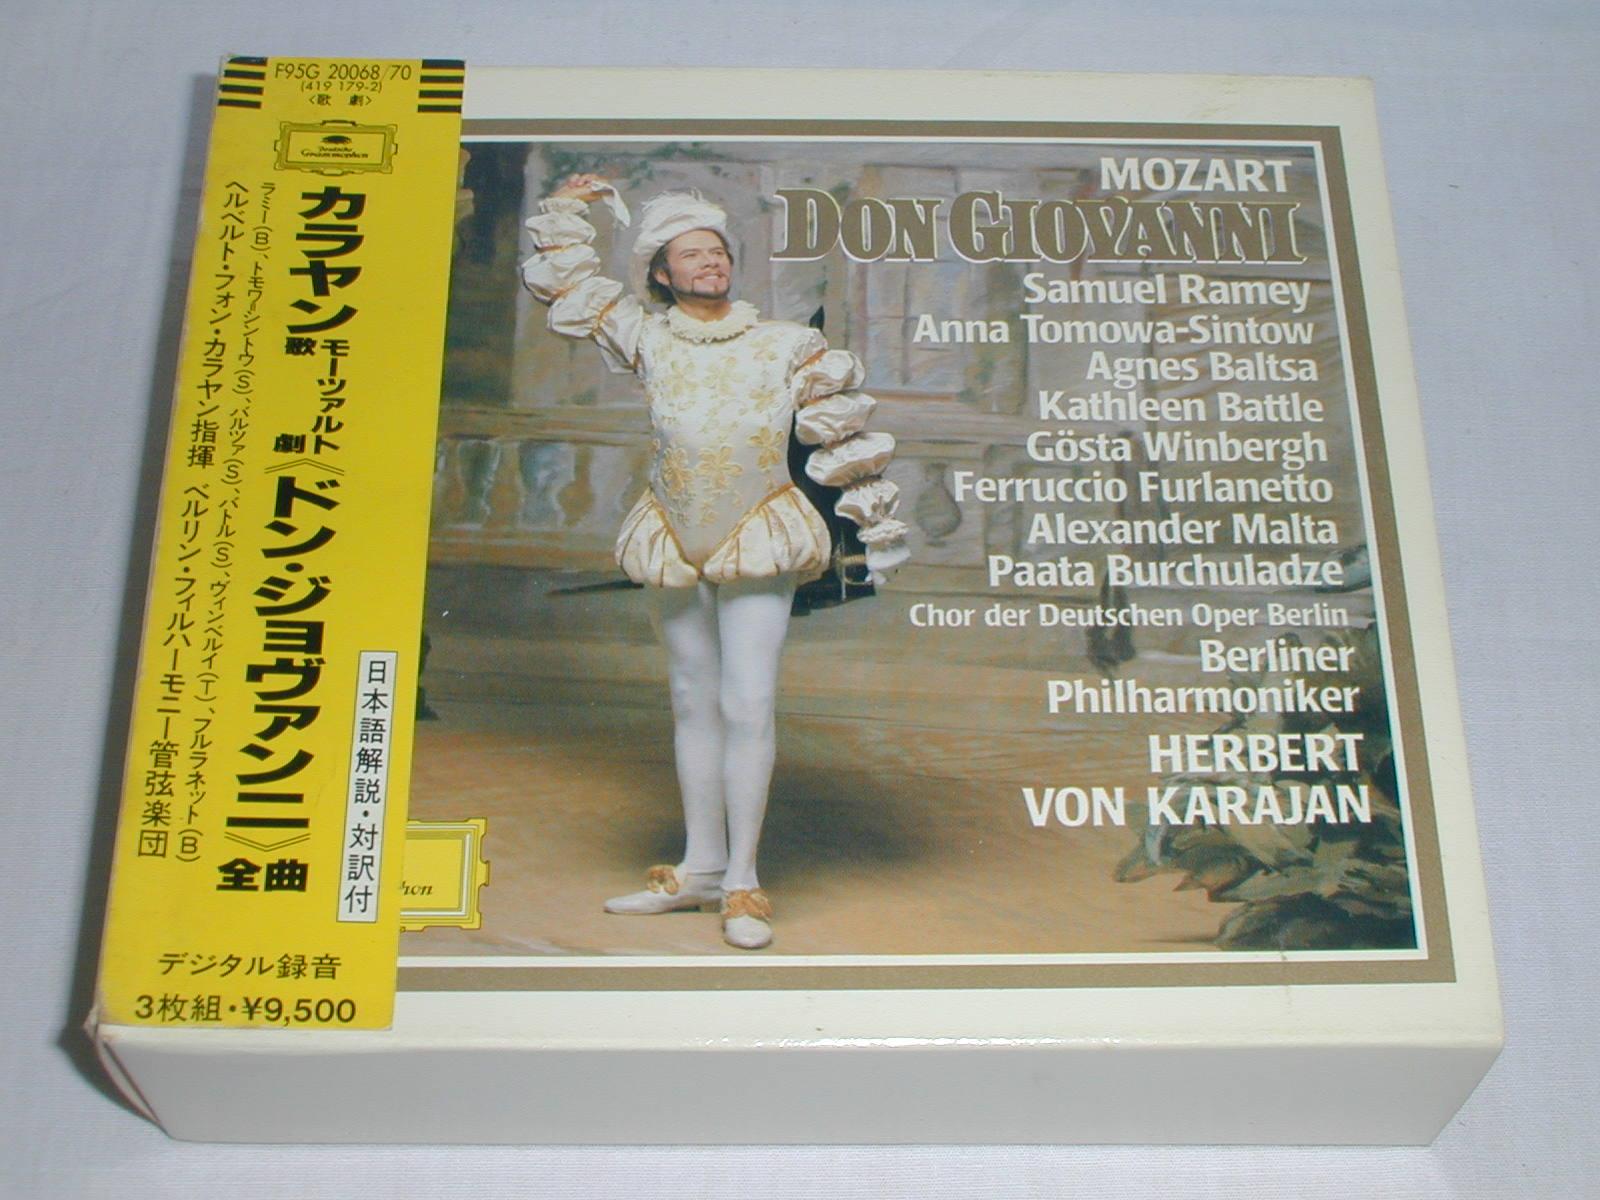 (CD) モーツァルト:歌劇「ドン・ジョヴァンニ」全曲/カラヤン <3枚組>